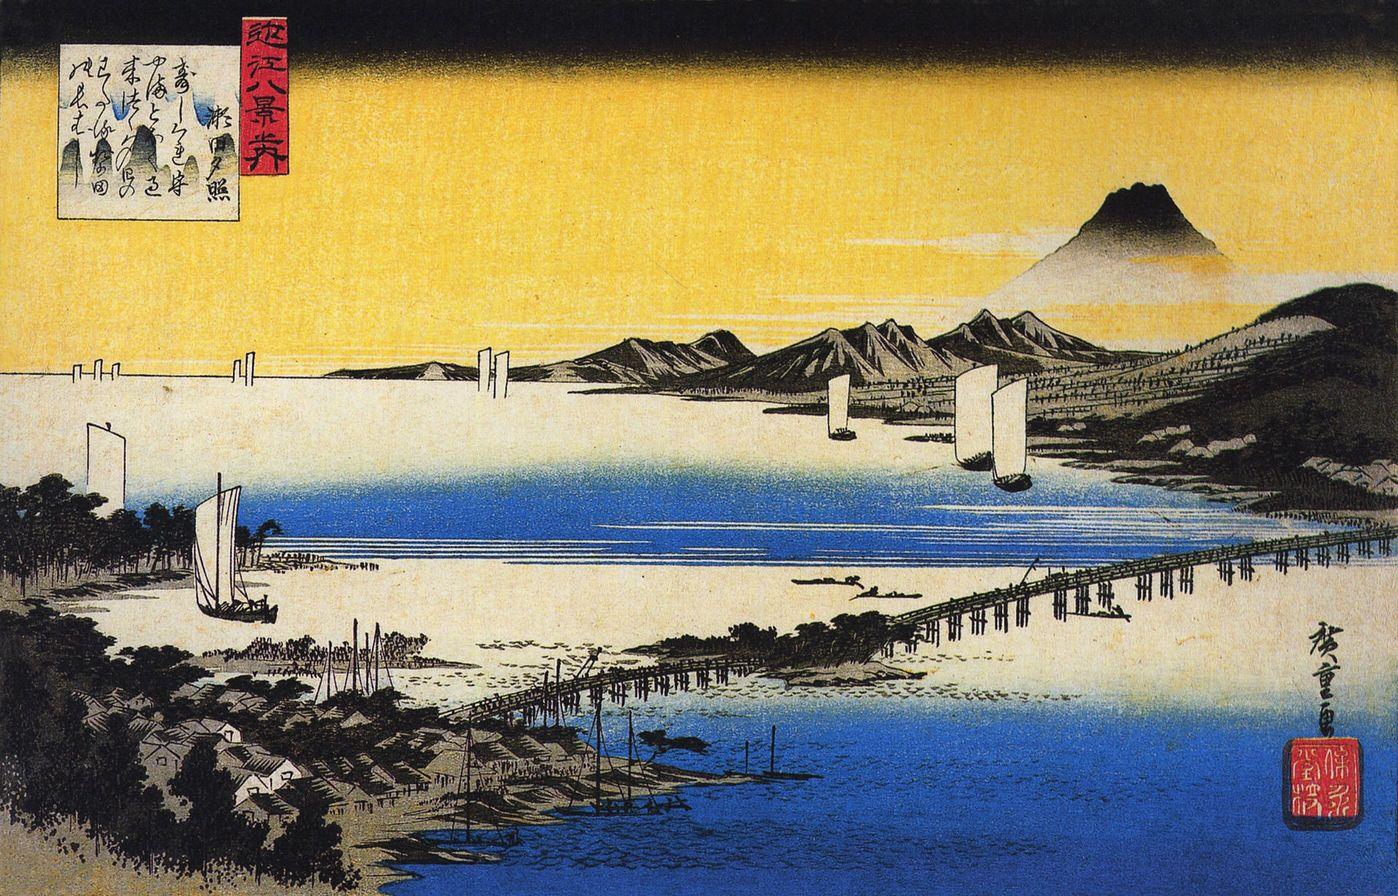 近江八景勢多の夕照